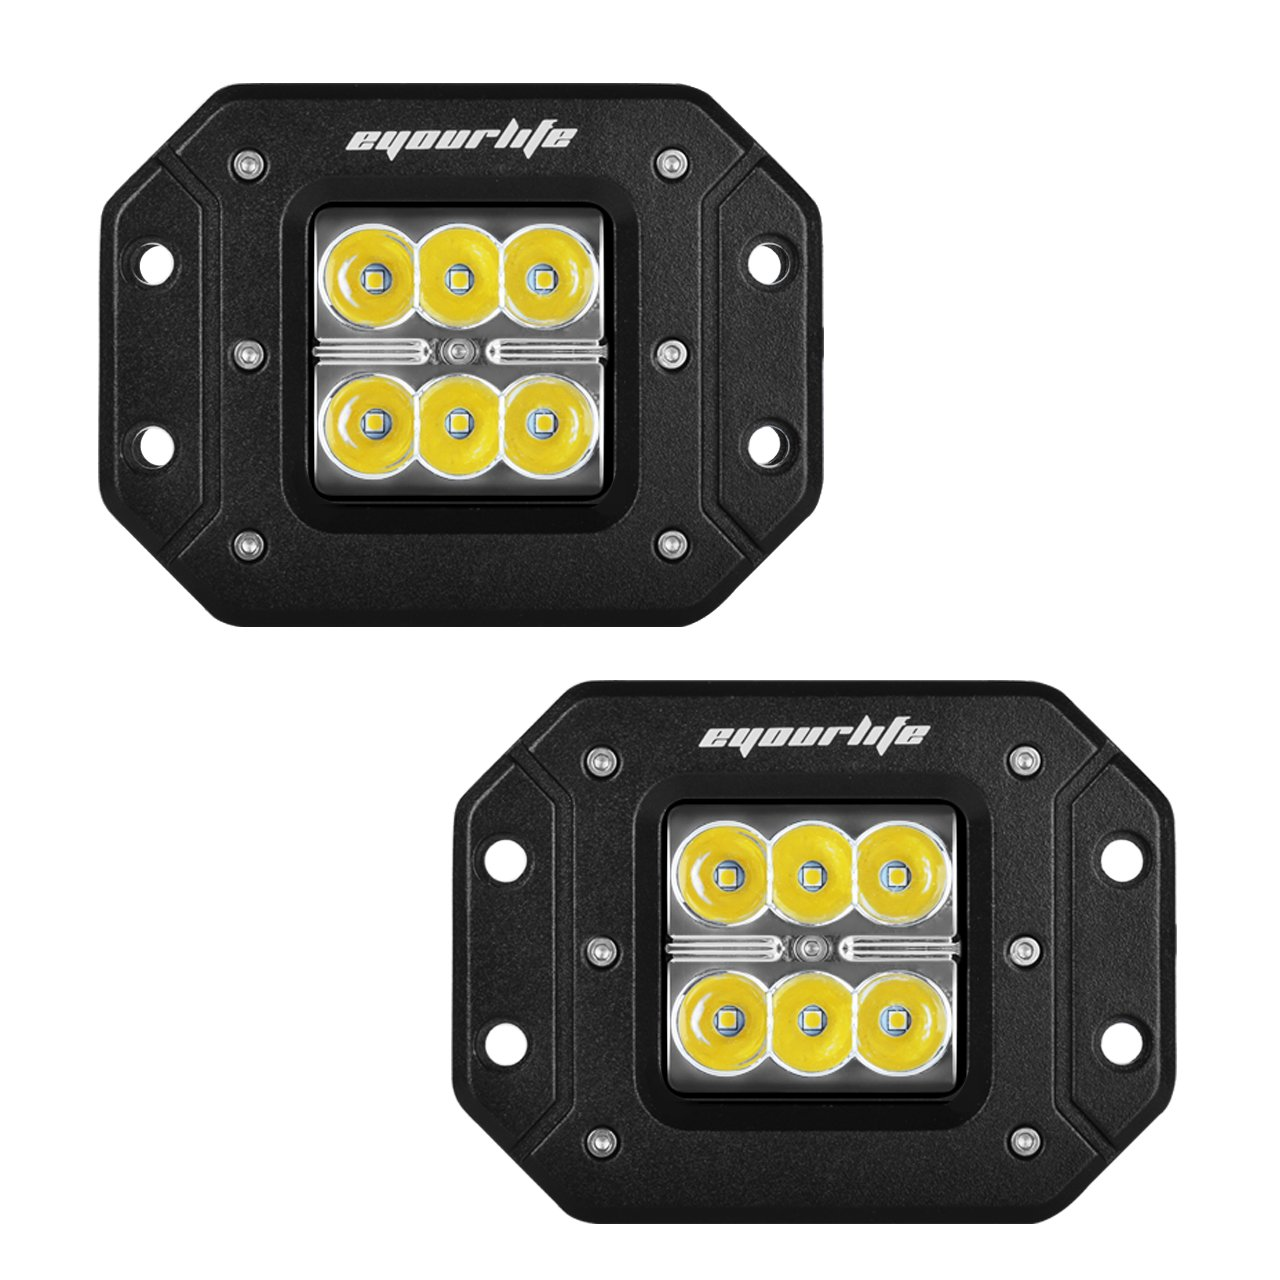 Buy Eyourlife 2pcs 18w Spot Led Work Light Bar Driving Fog